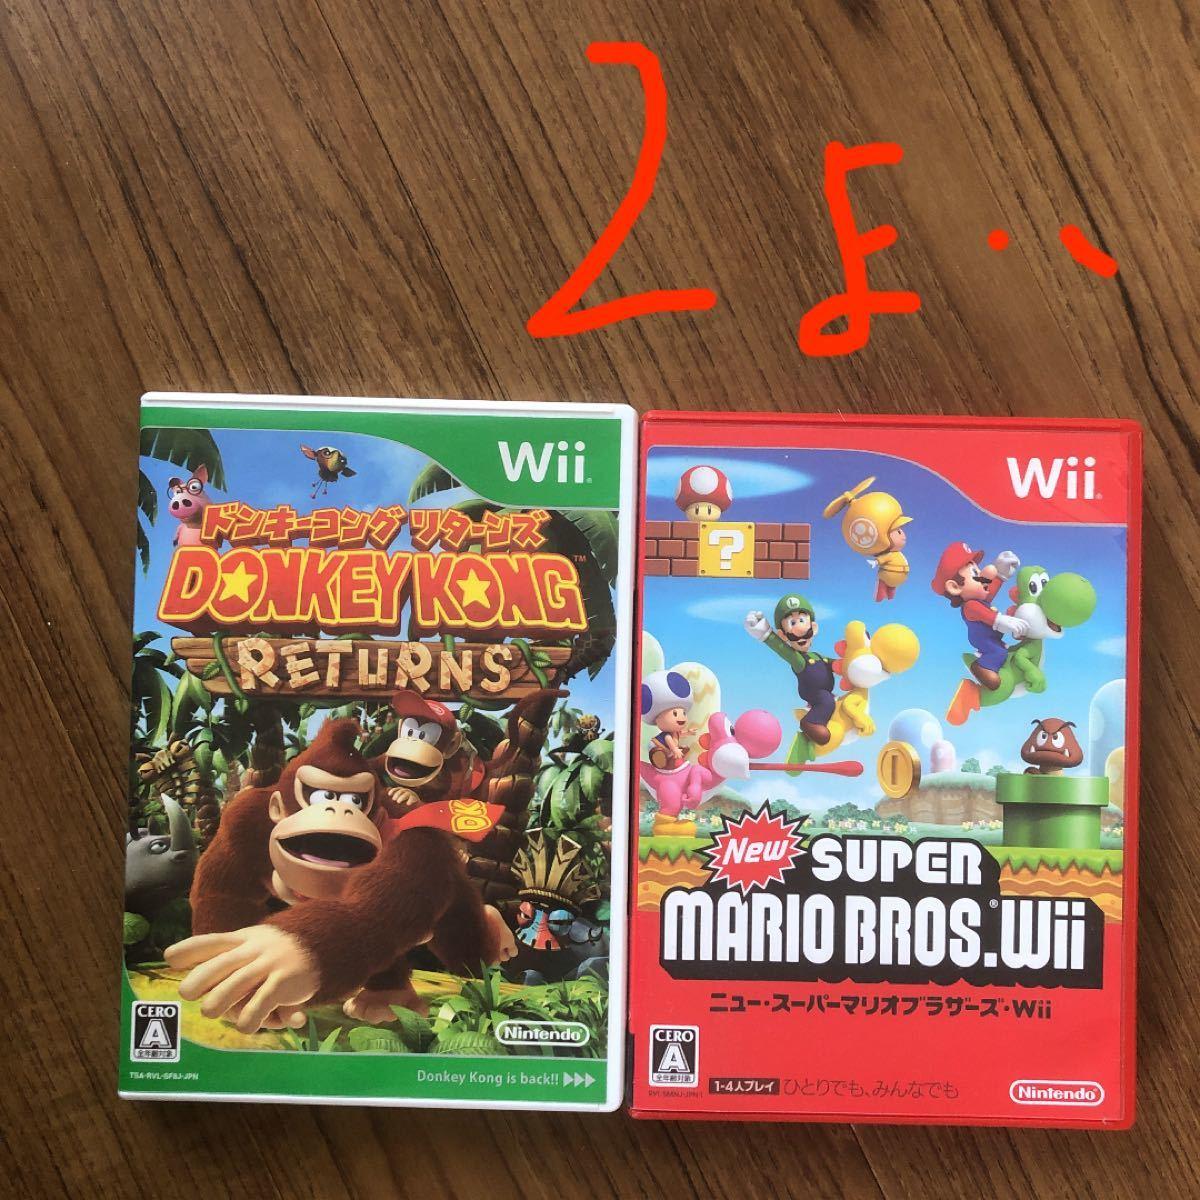 【Wii】スーパーマリオブラザーズ ドンキーコングリターンズ